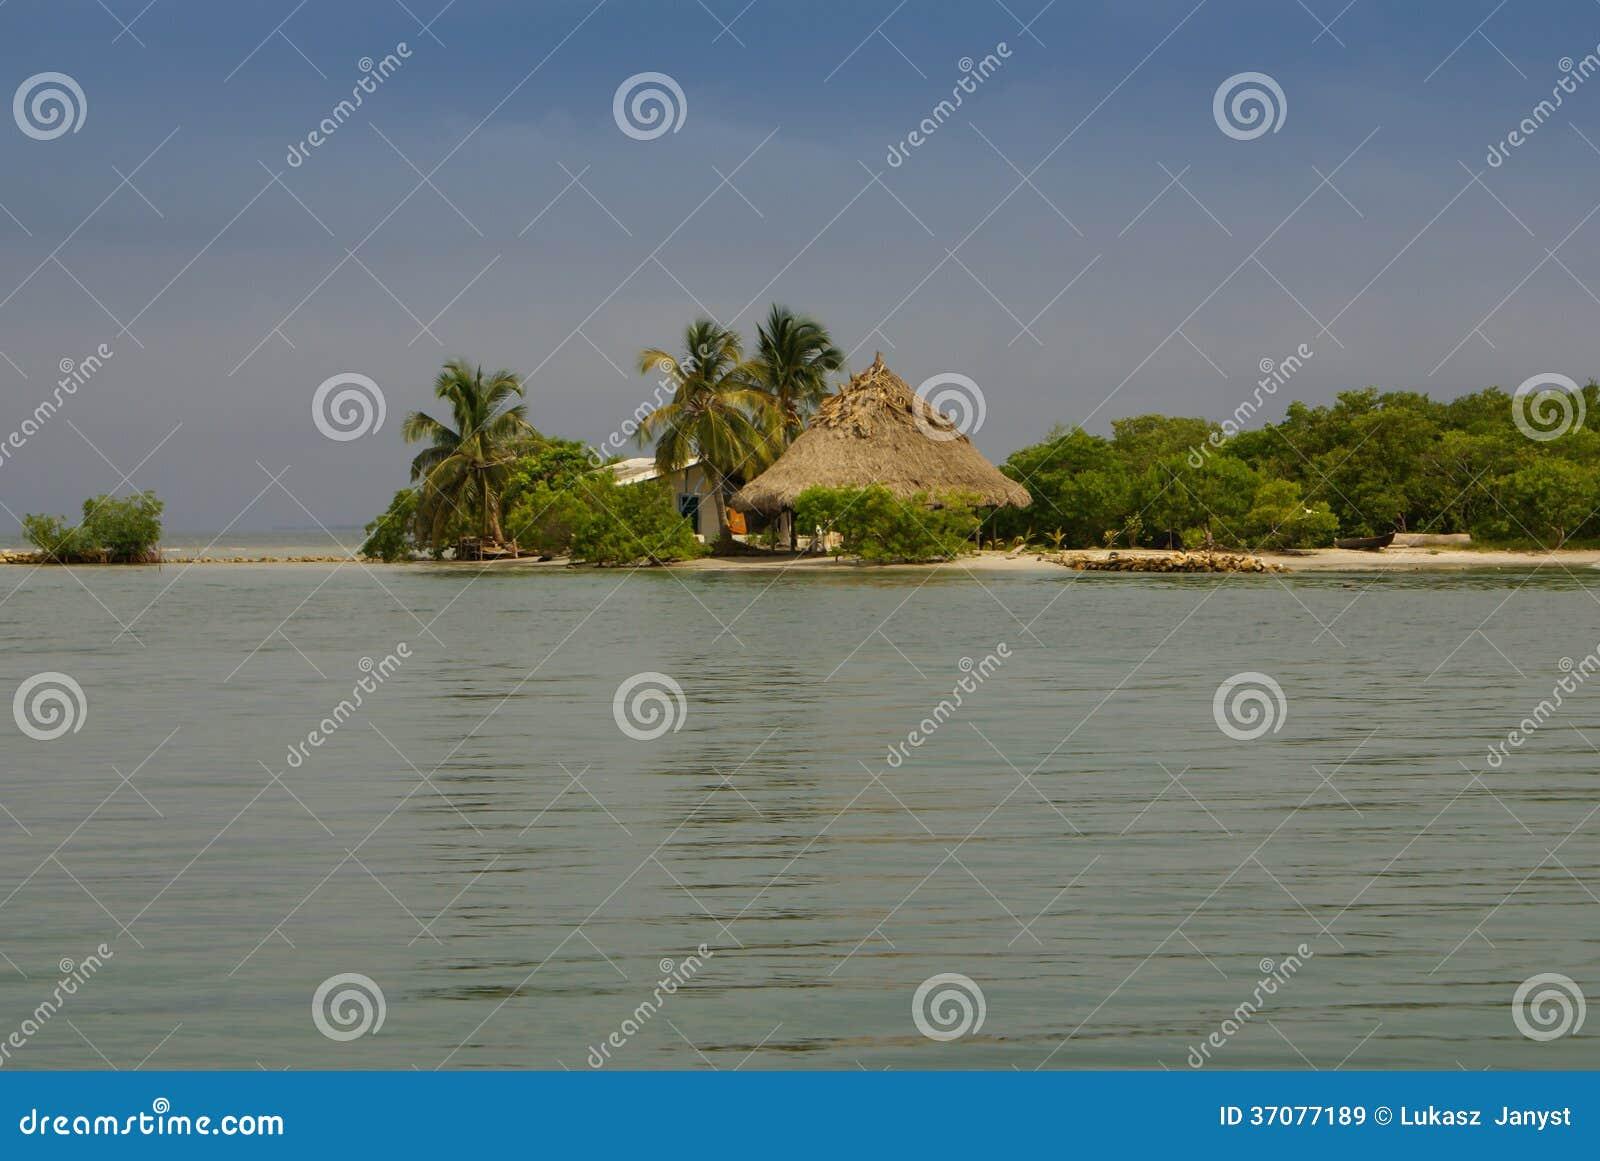 Download Malutka Wyspa W Karaibskim Archipelagu San Bernardo Blisko Tolu, Kolumbia Obraz Stock - Obraz złożonej z kolorowy, historia: 37077189